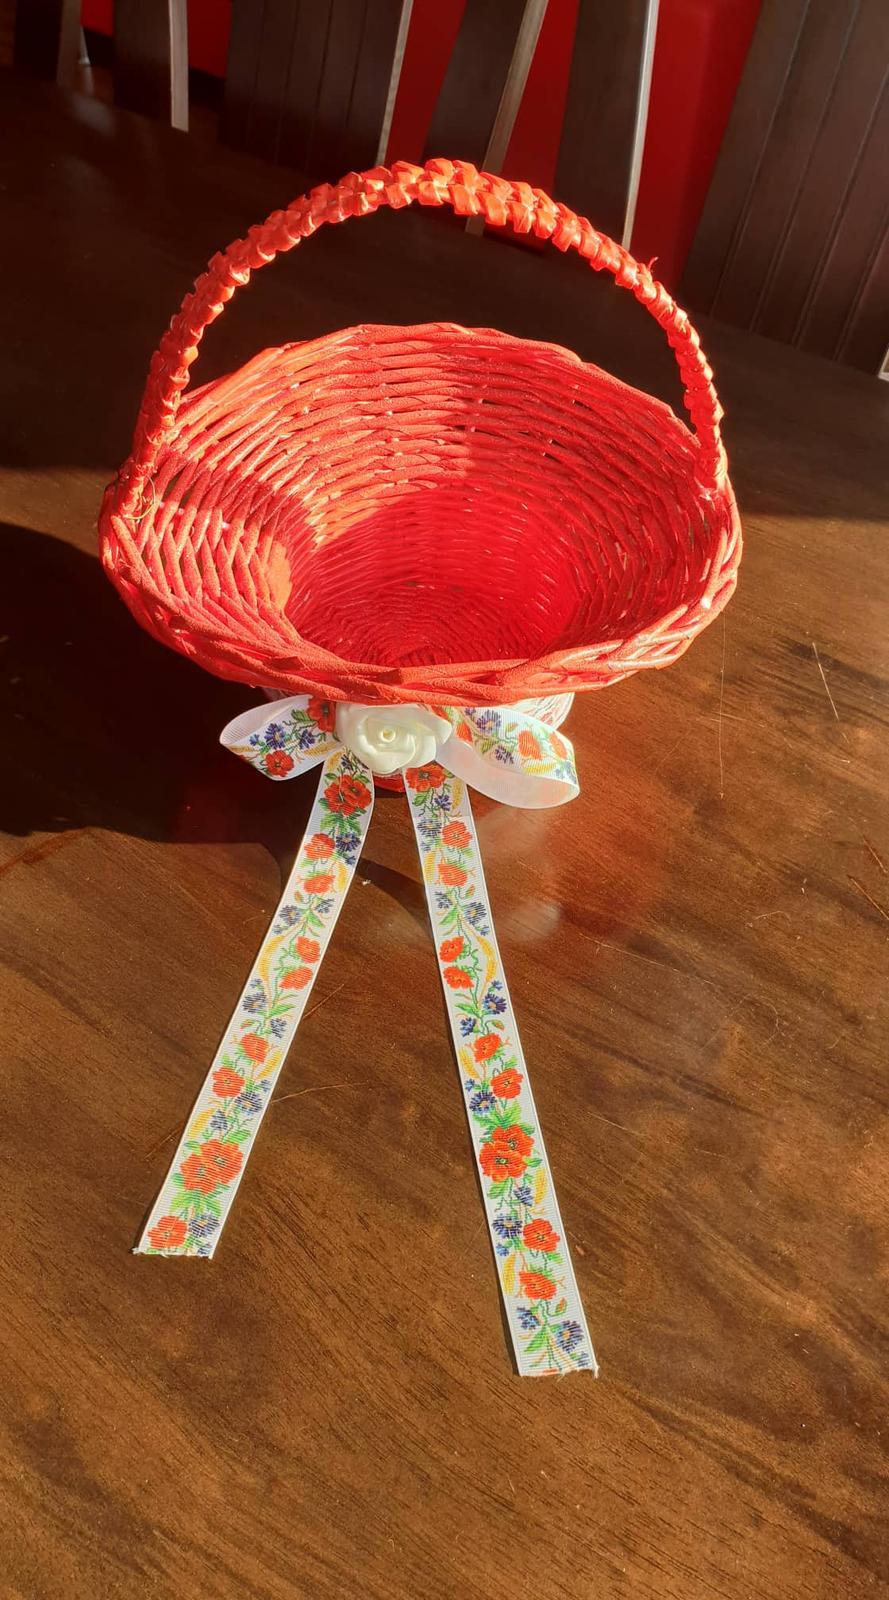 Košík na dukáty na redový tanec - Obrázok č. 1